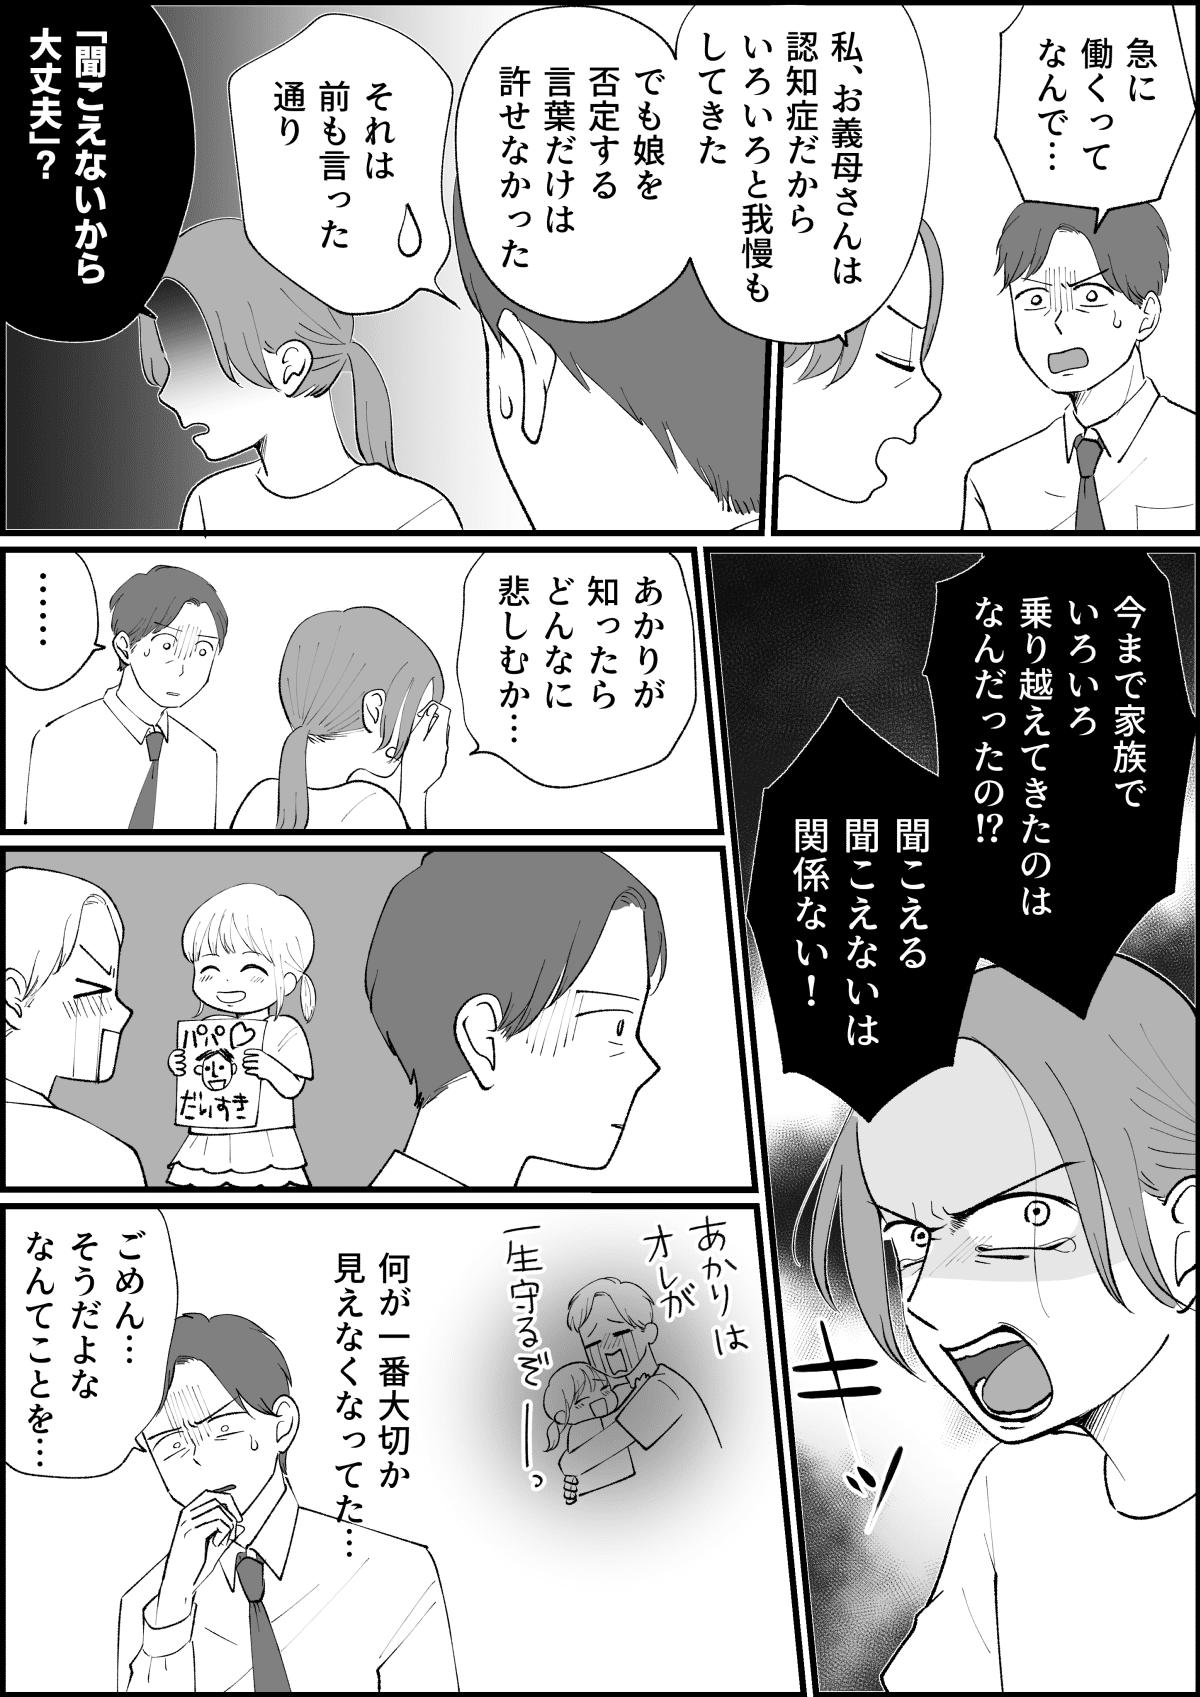 義母と同居_006